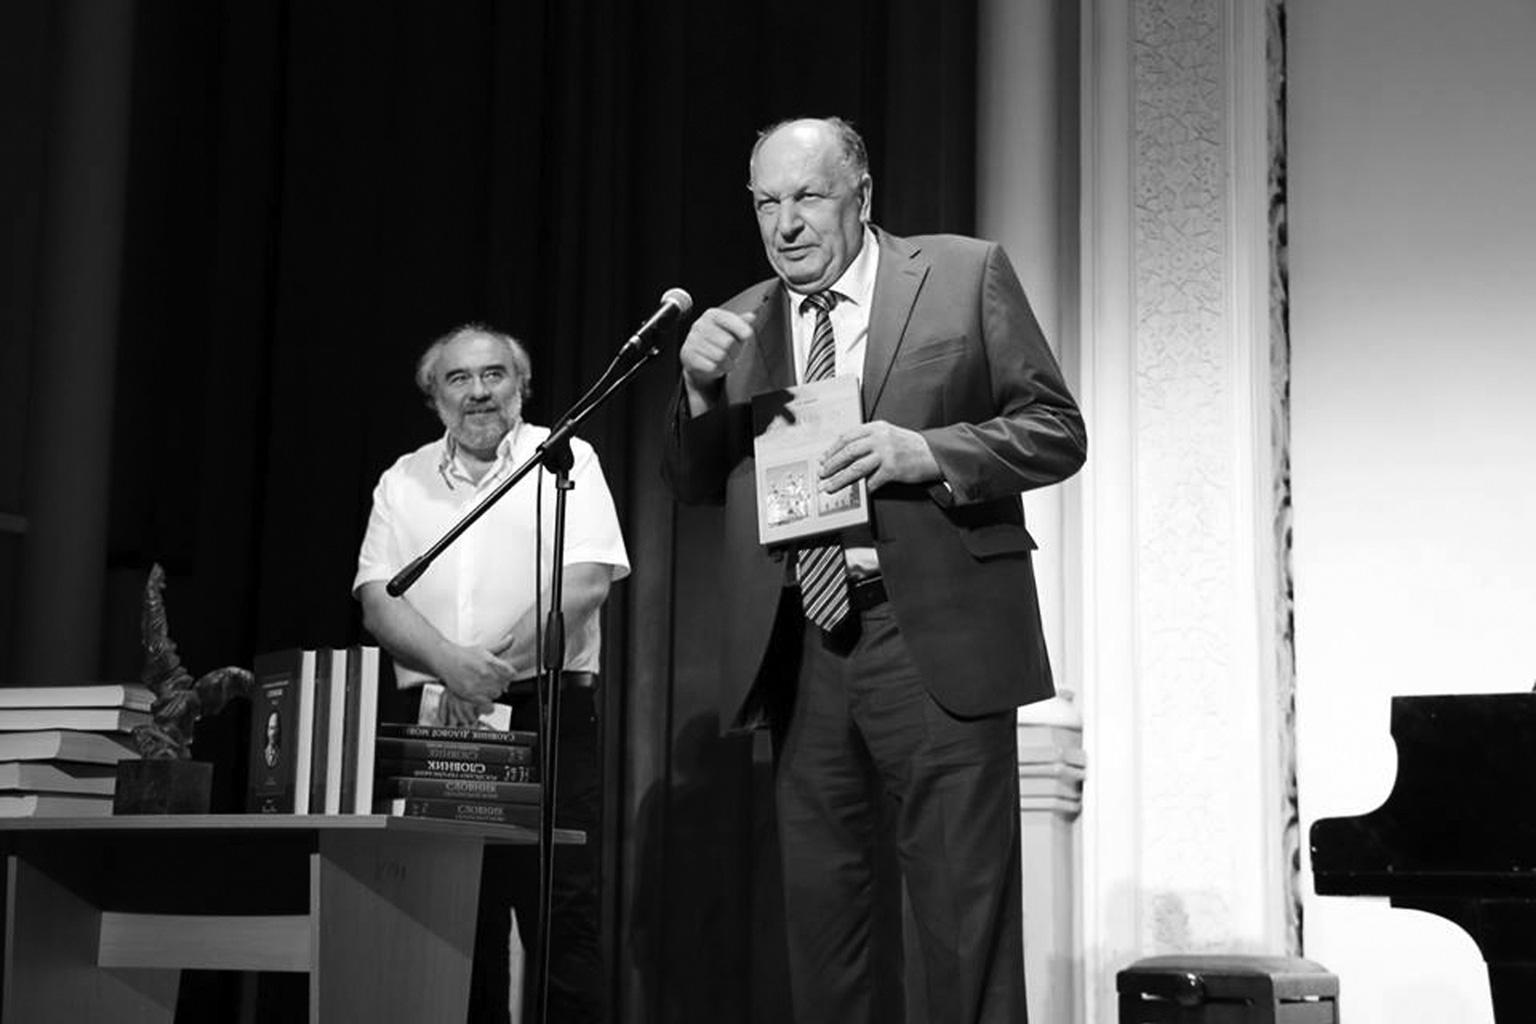 П.Е. Гриценко, директор Института украинского языка НАН Украины на презентации книг Издательского дома Дмитрия Бураго. 2017